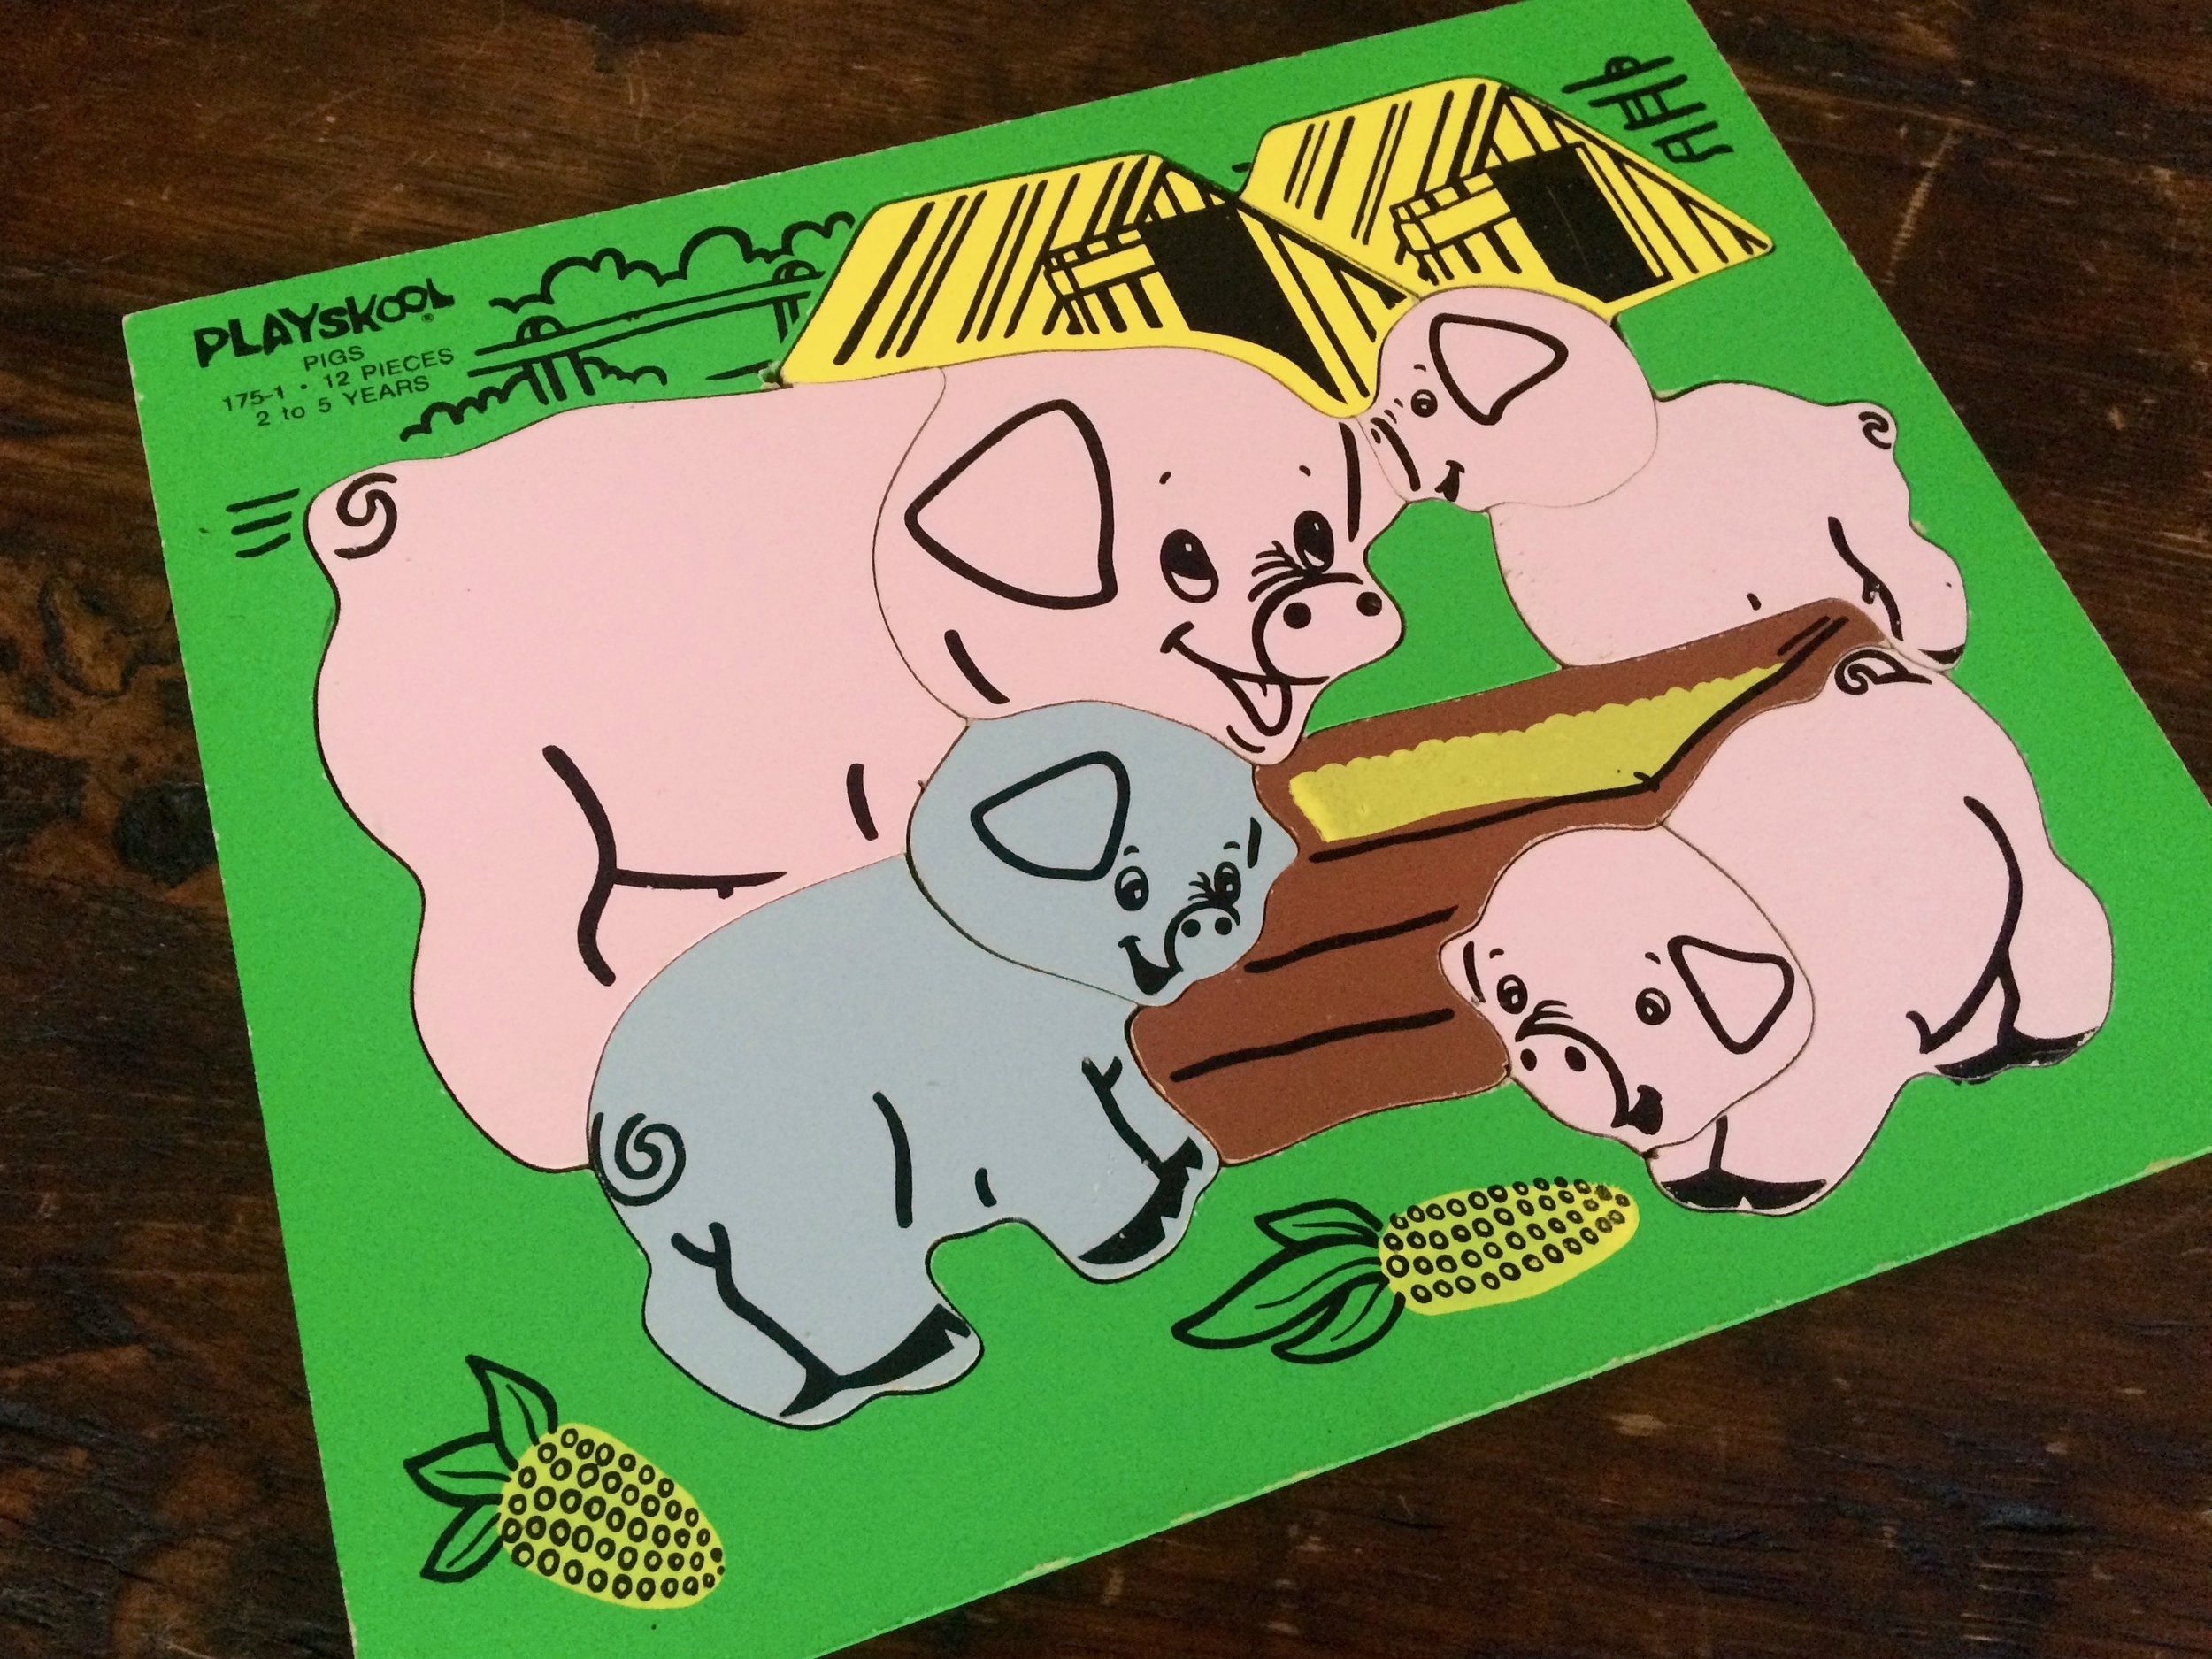 Playskool Pigs Puzzle